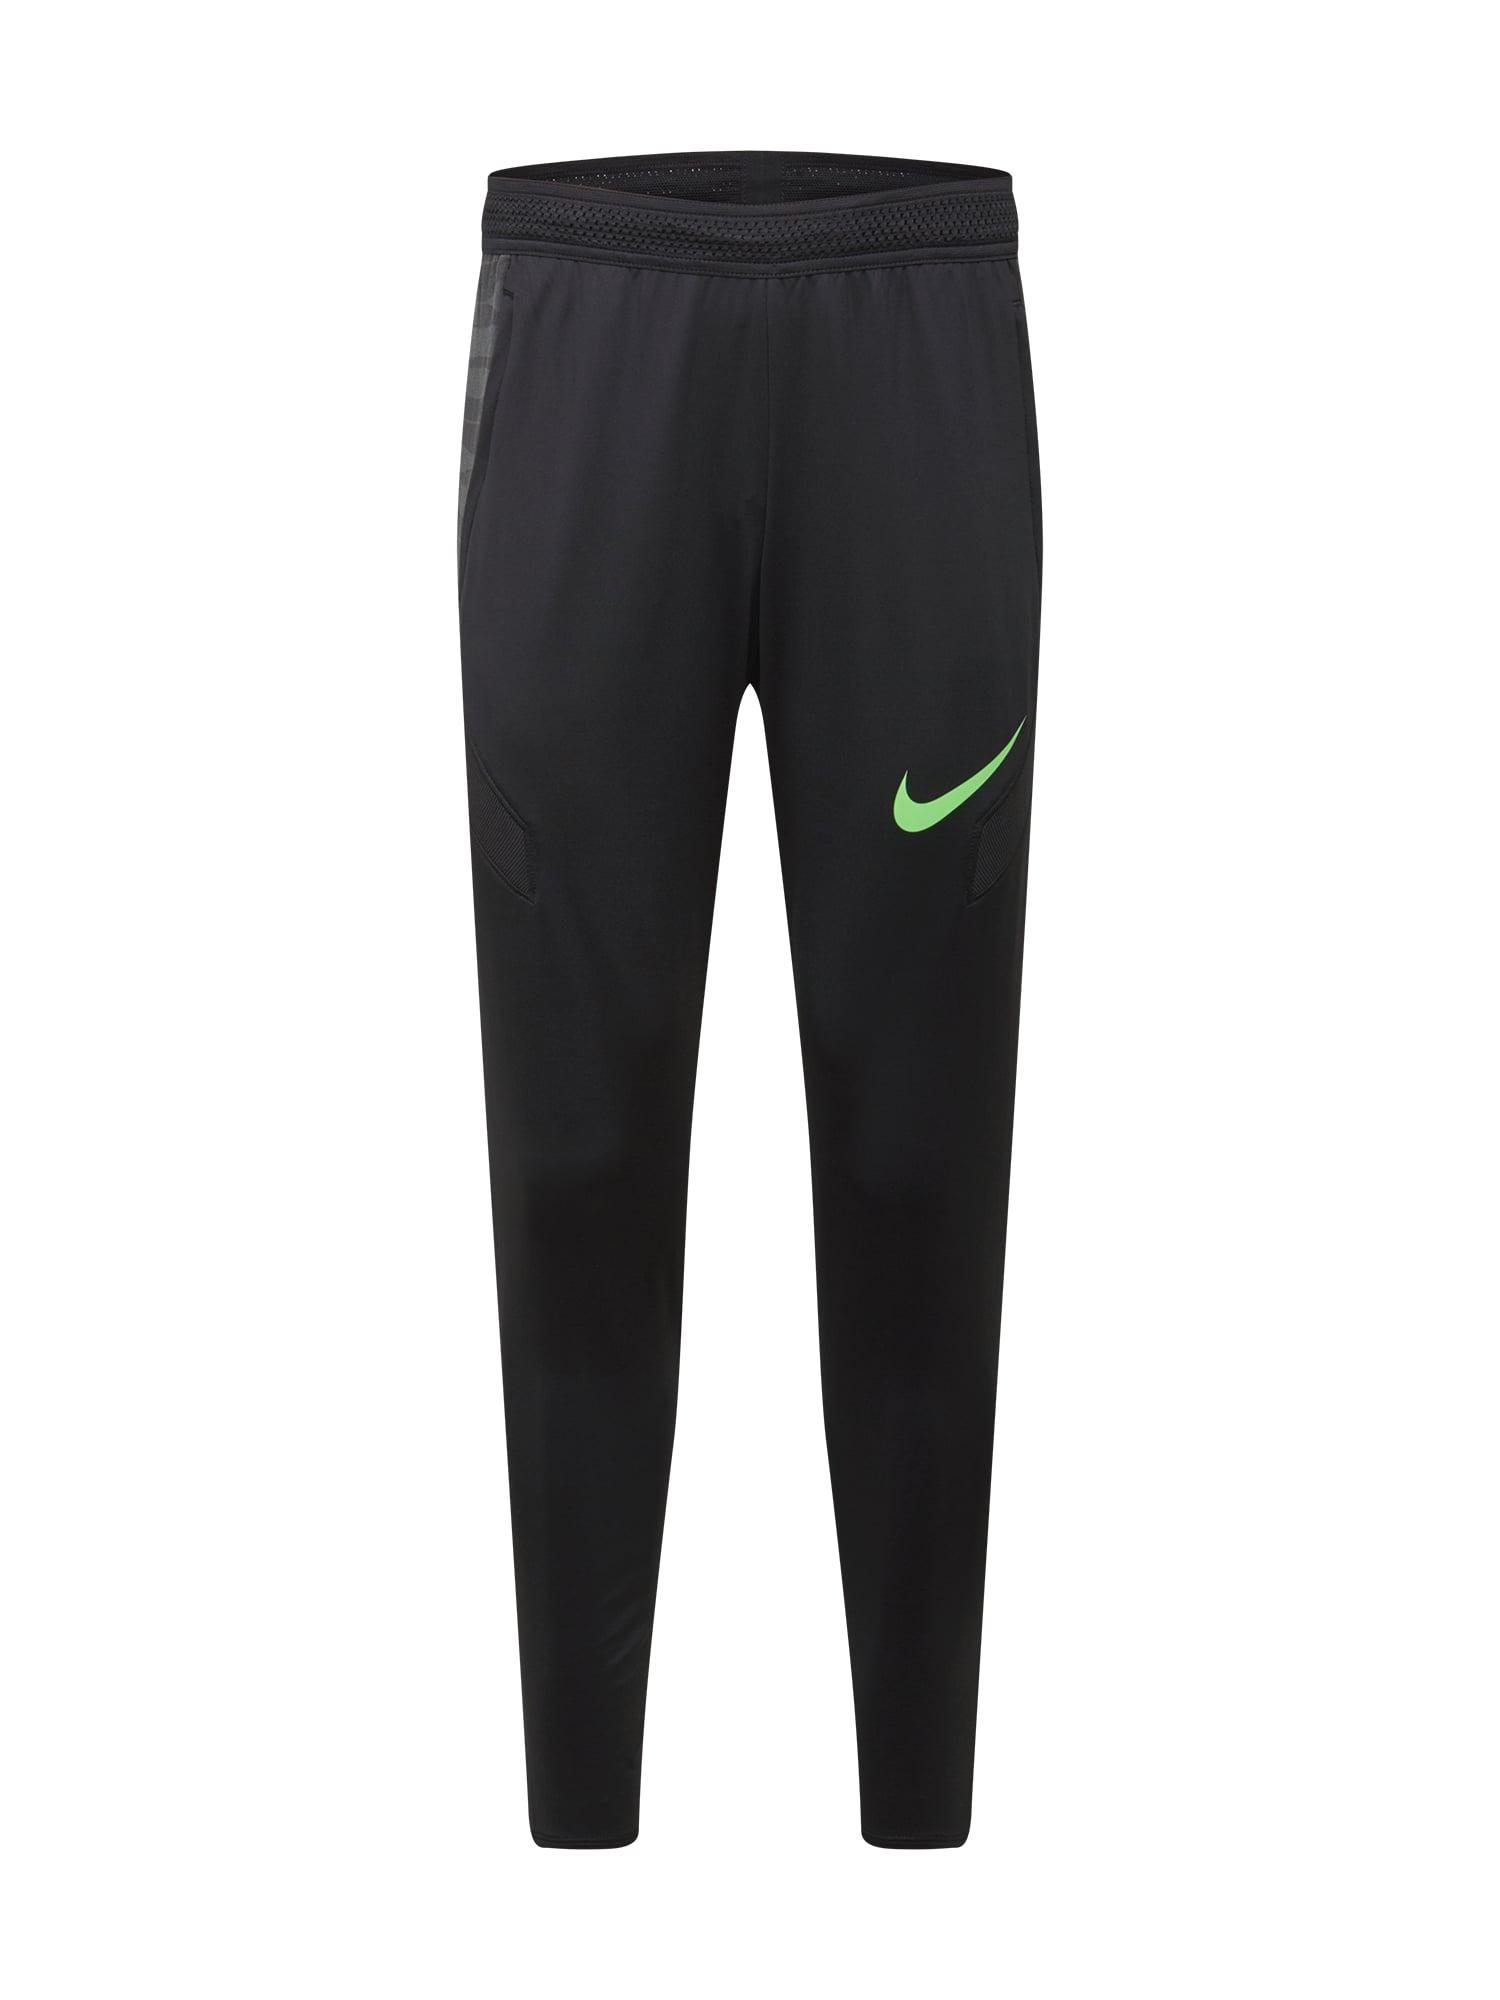 NIKE Sportinės kelnės juoda / neoninė žalia / pilka